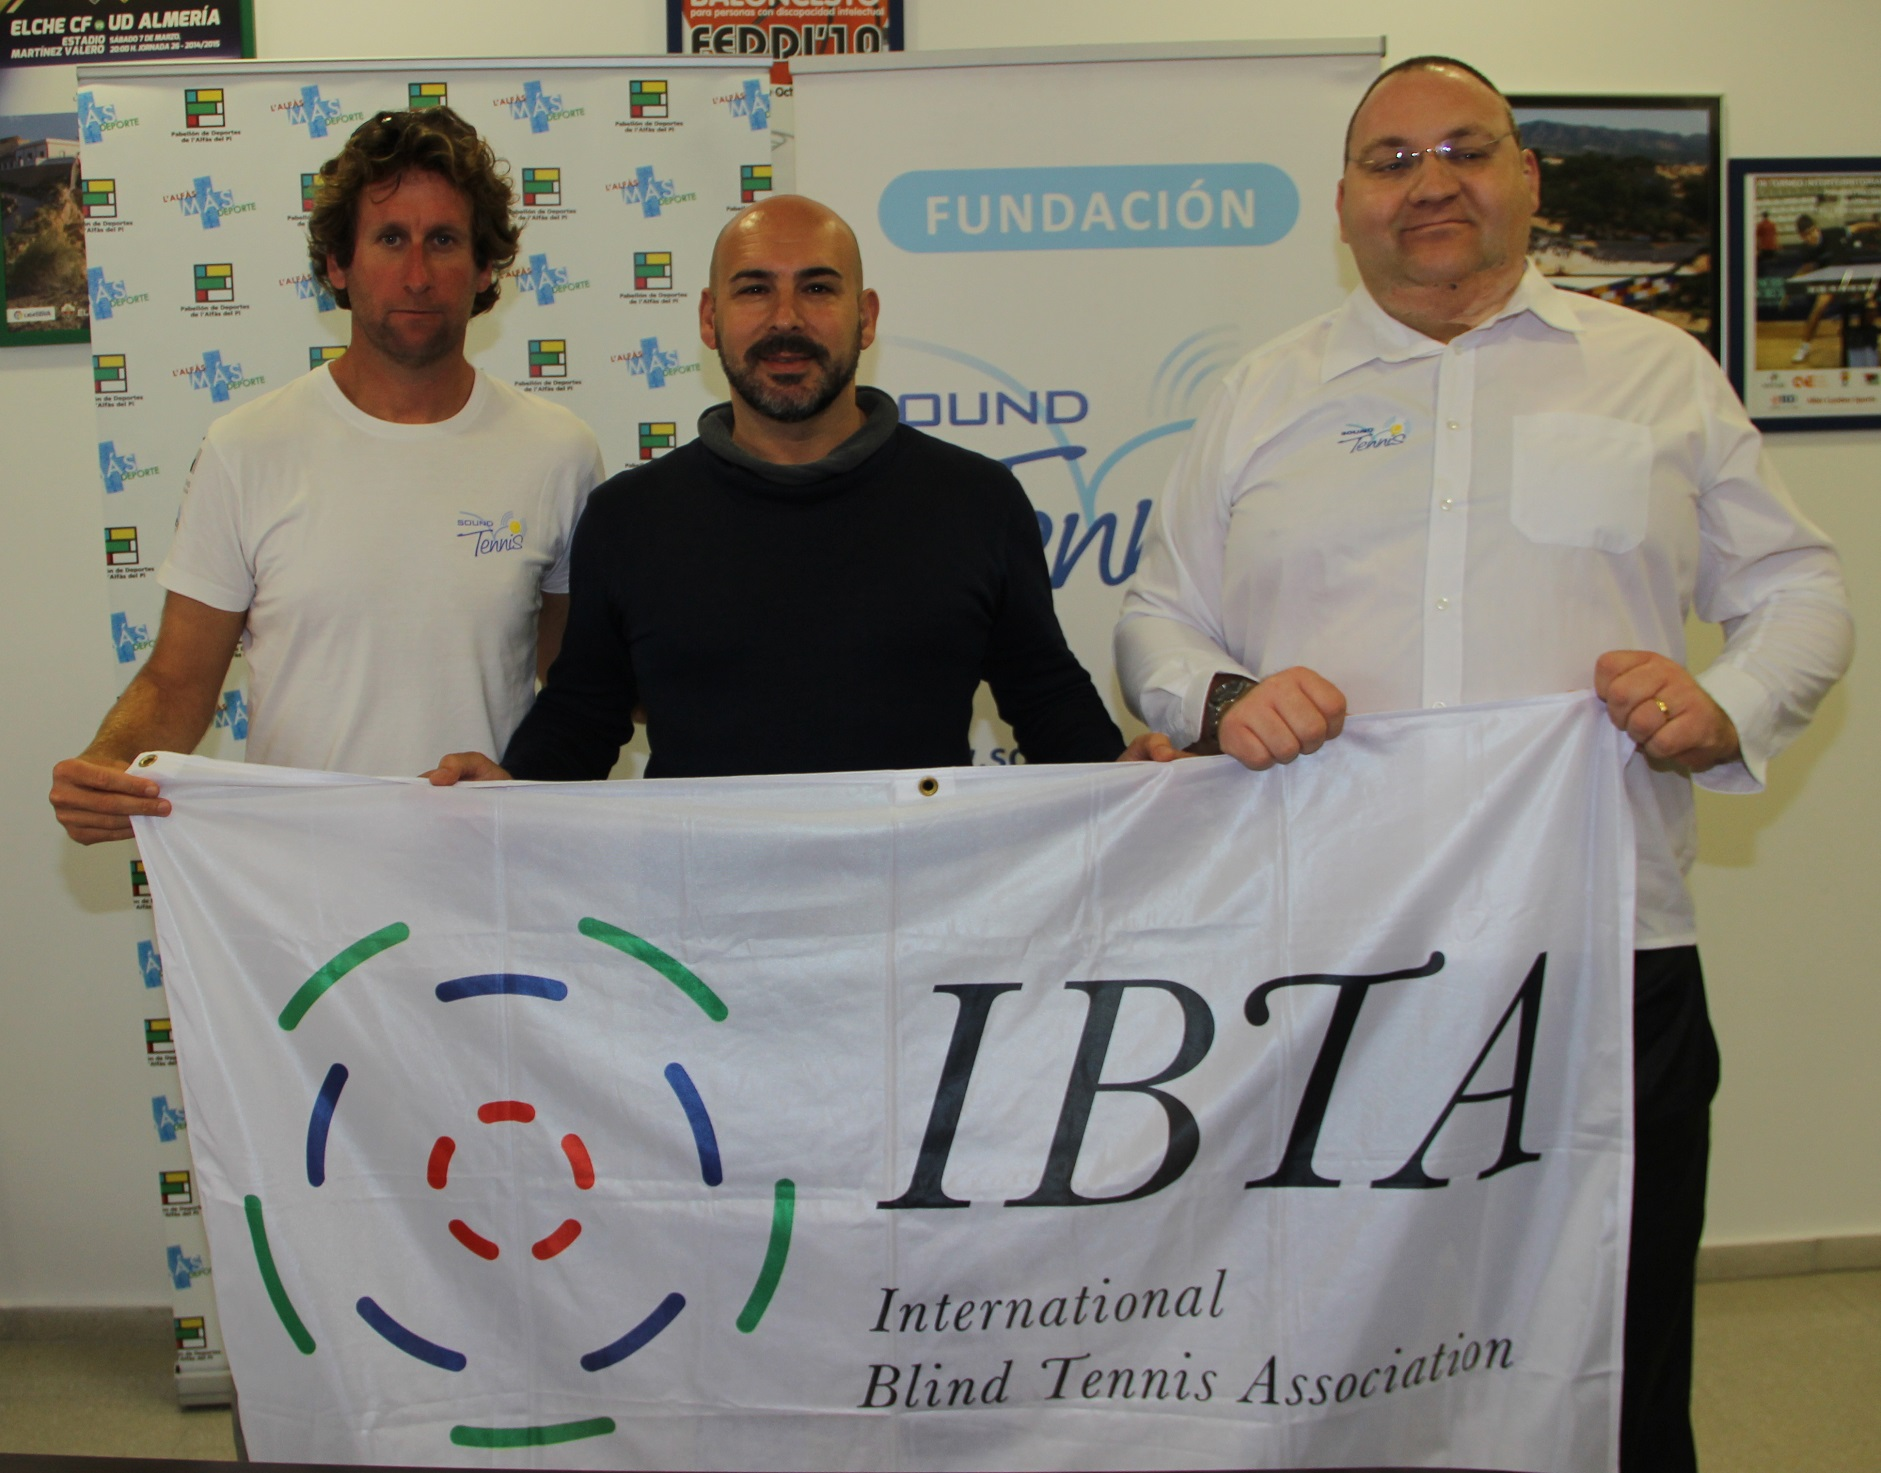 Presentado el  primer torneo internacional de Blind Tenis  para personas  discapacidad visual o ciegas.